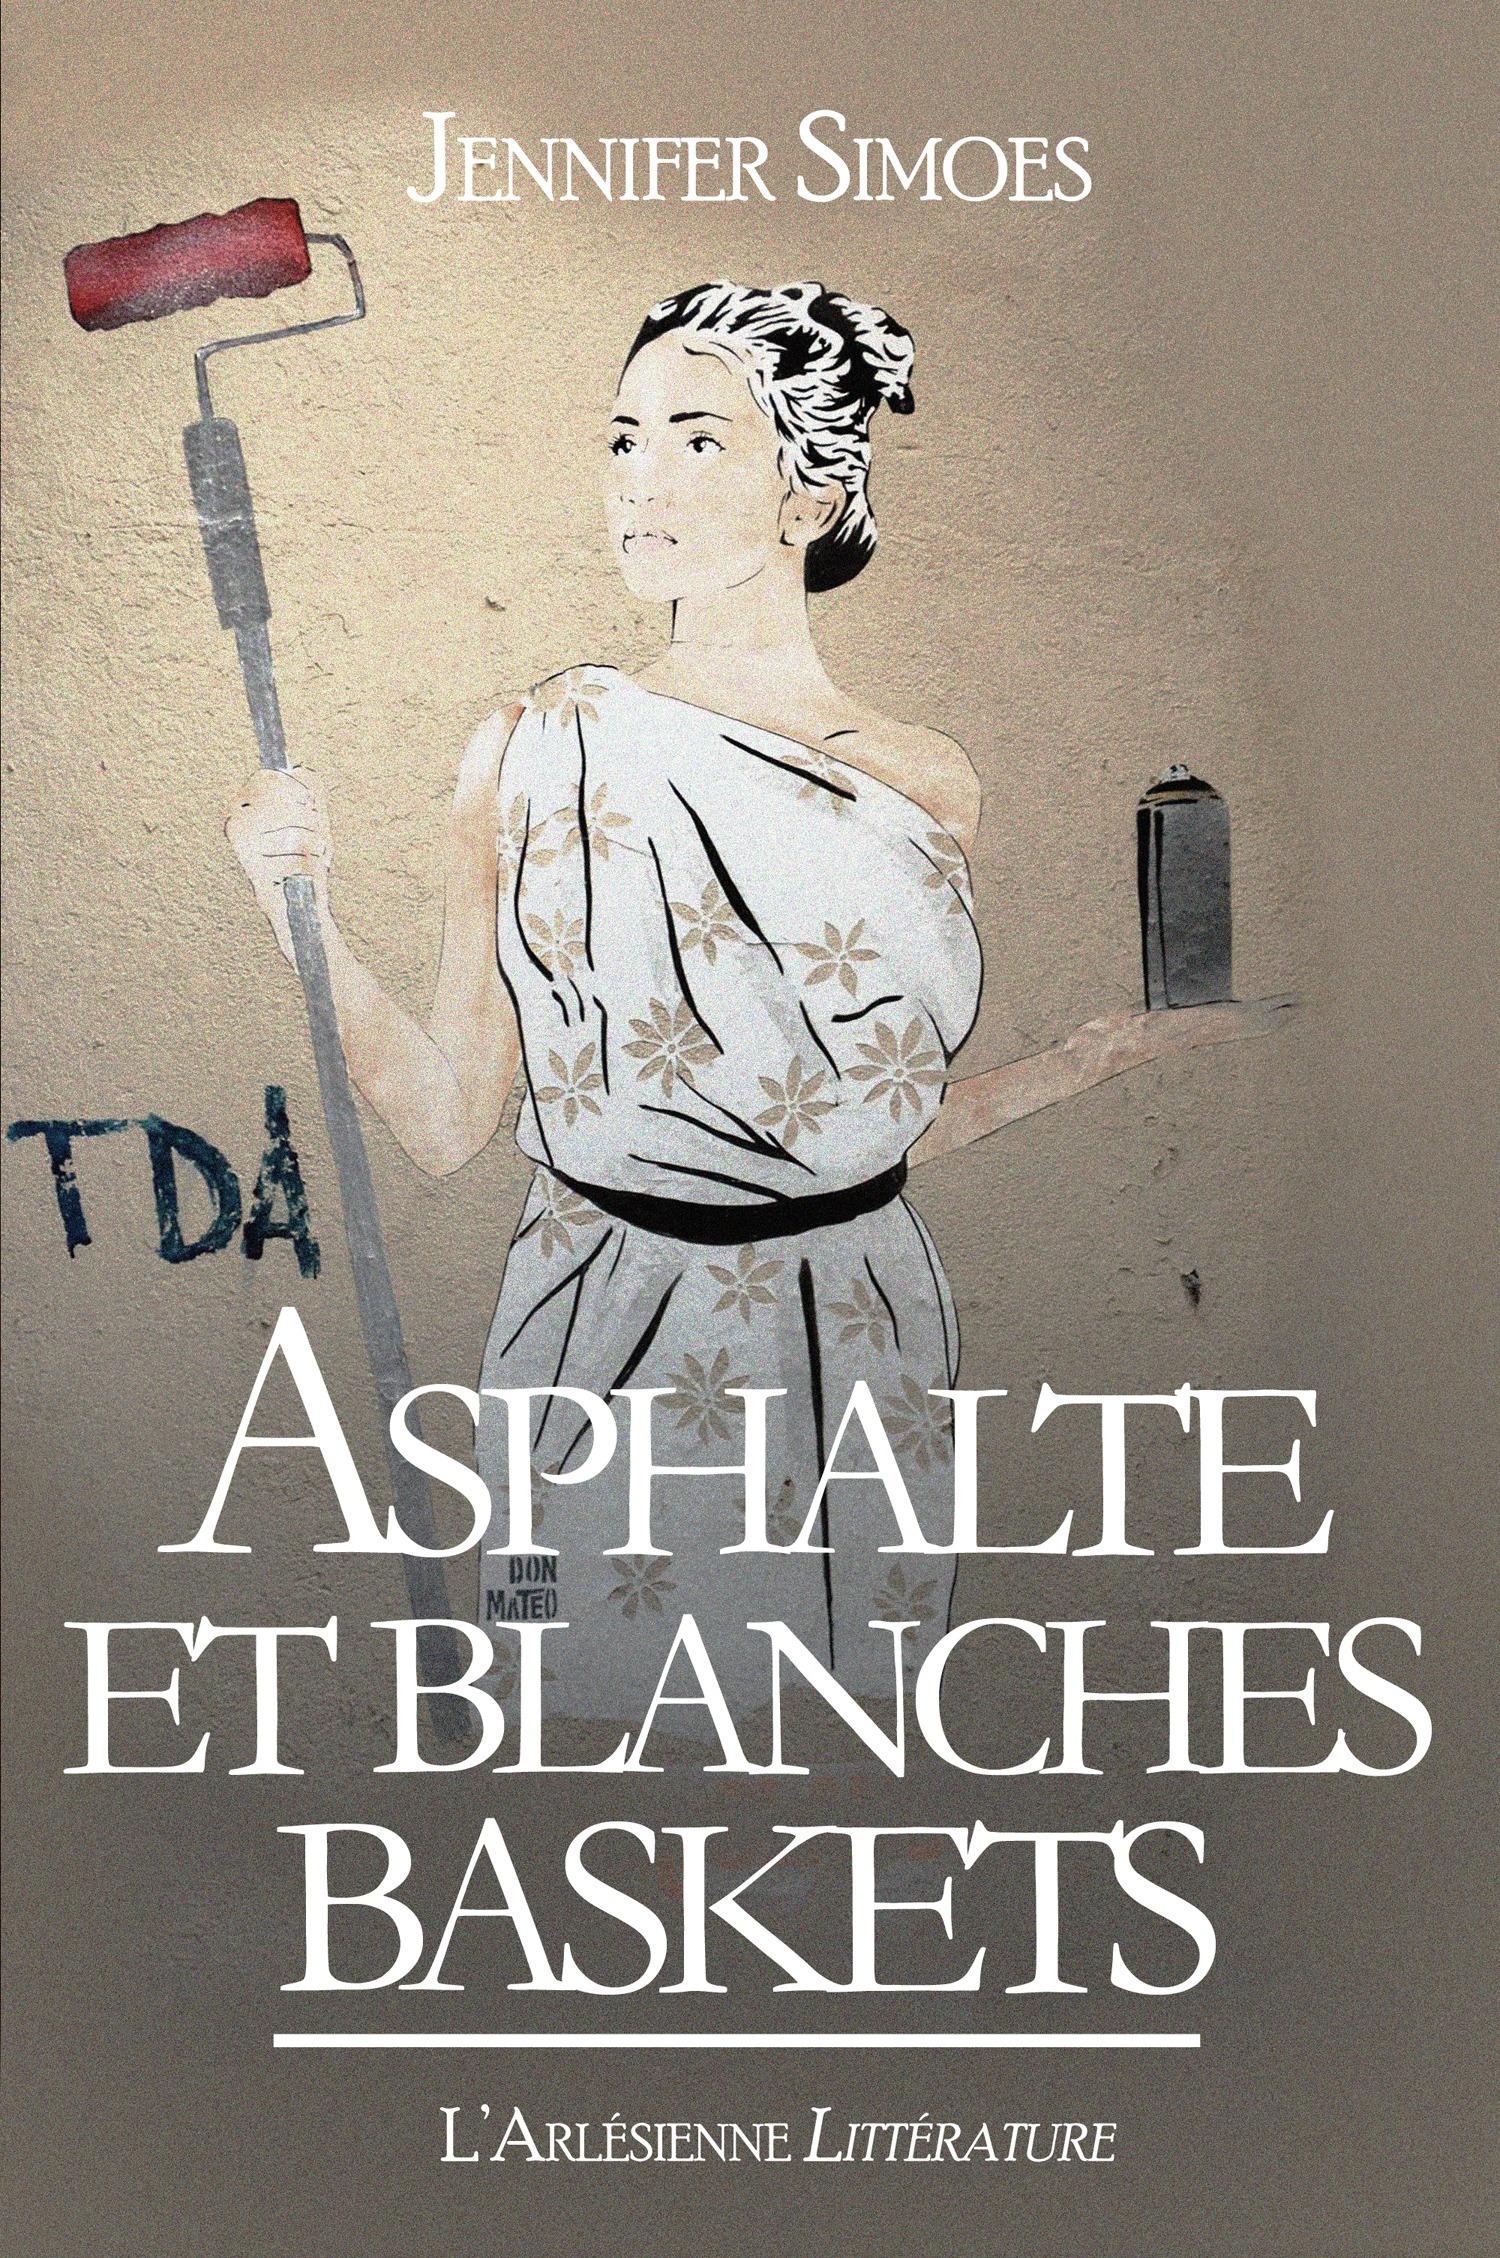 Asphalte et Blanches baskets, LE ROMAN UNDERGROUND DE L'ANNÉE ! (TEXTE INTÉGRAL)